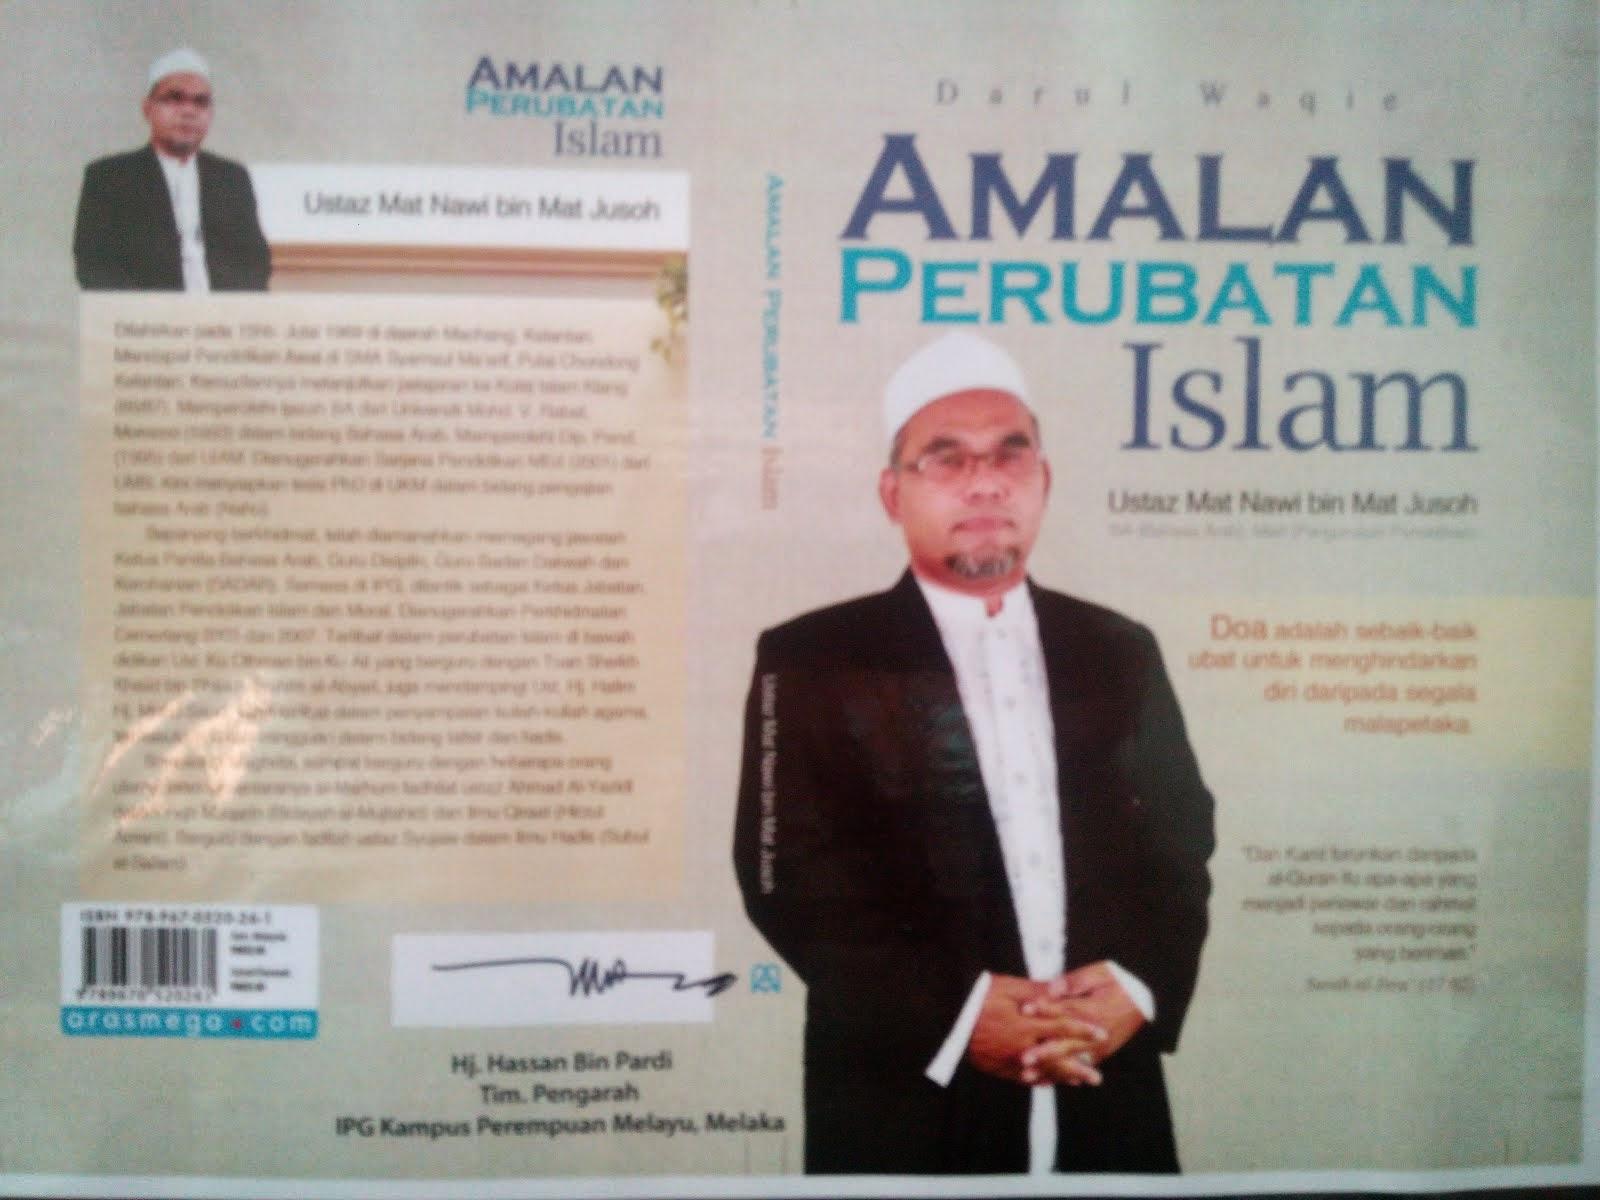 Buku Amalan Perubatan Islam